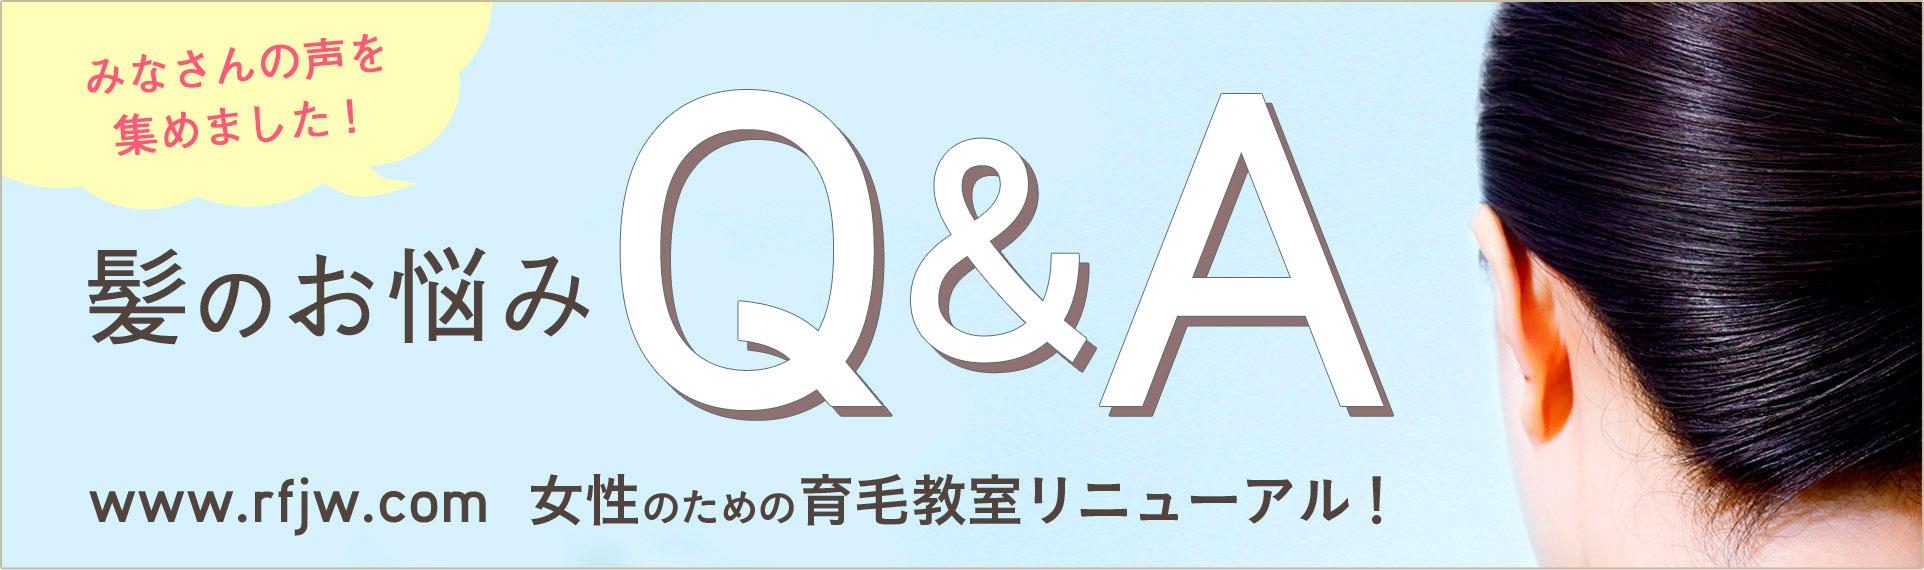 髪の悩みQ&A 女性のための育毛教室リニューアル!